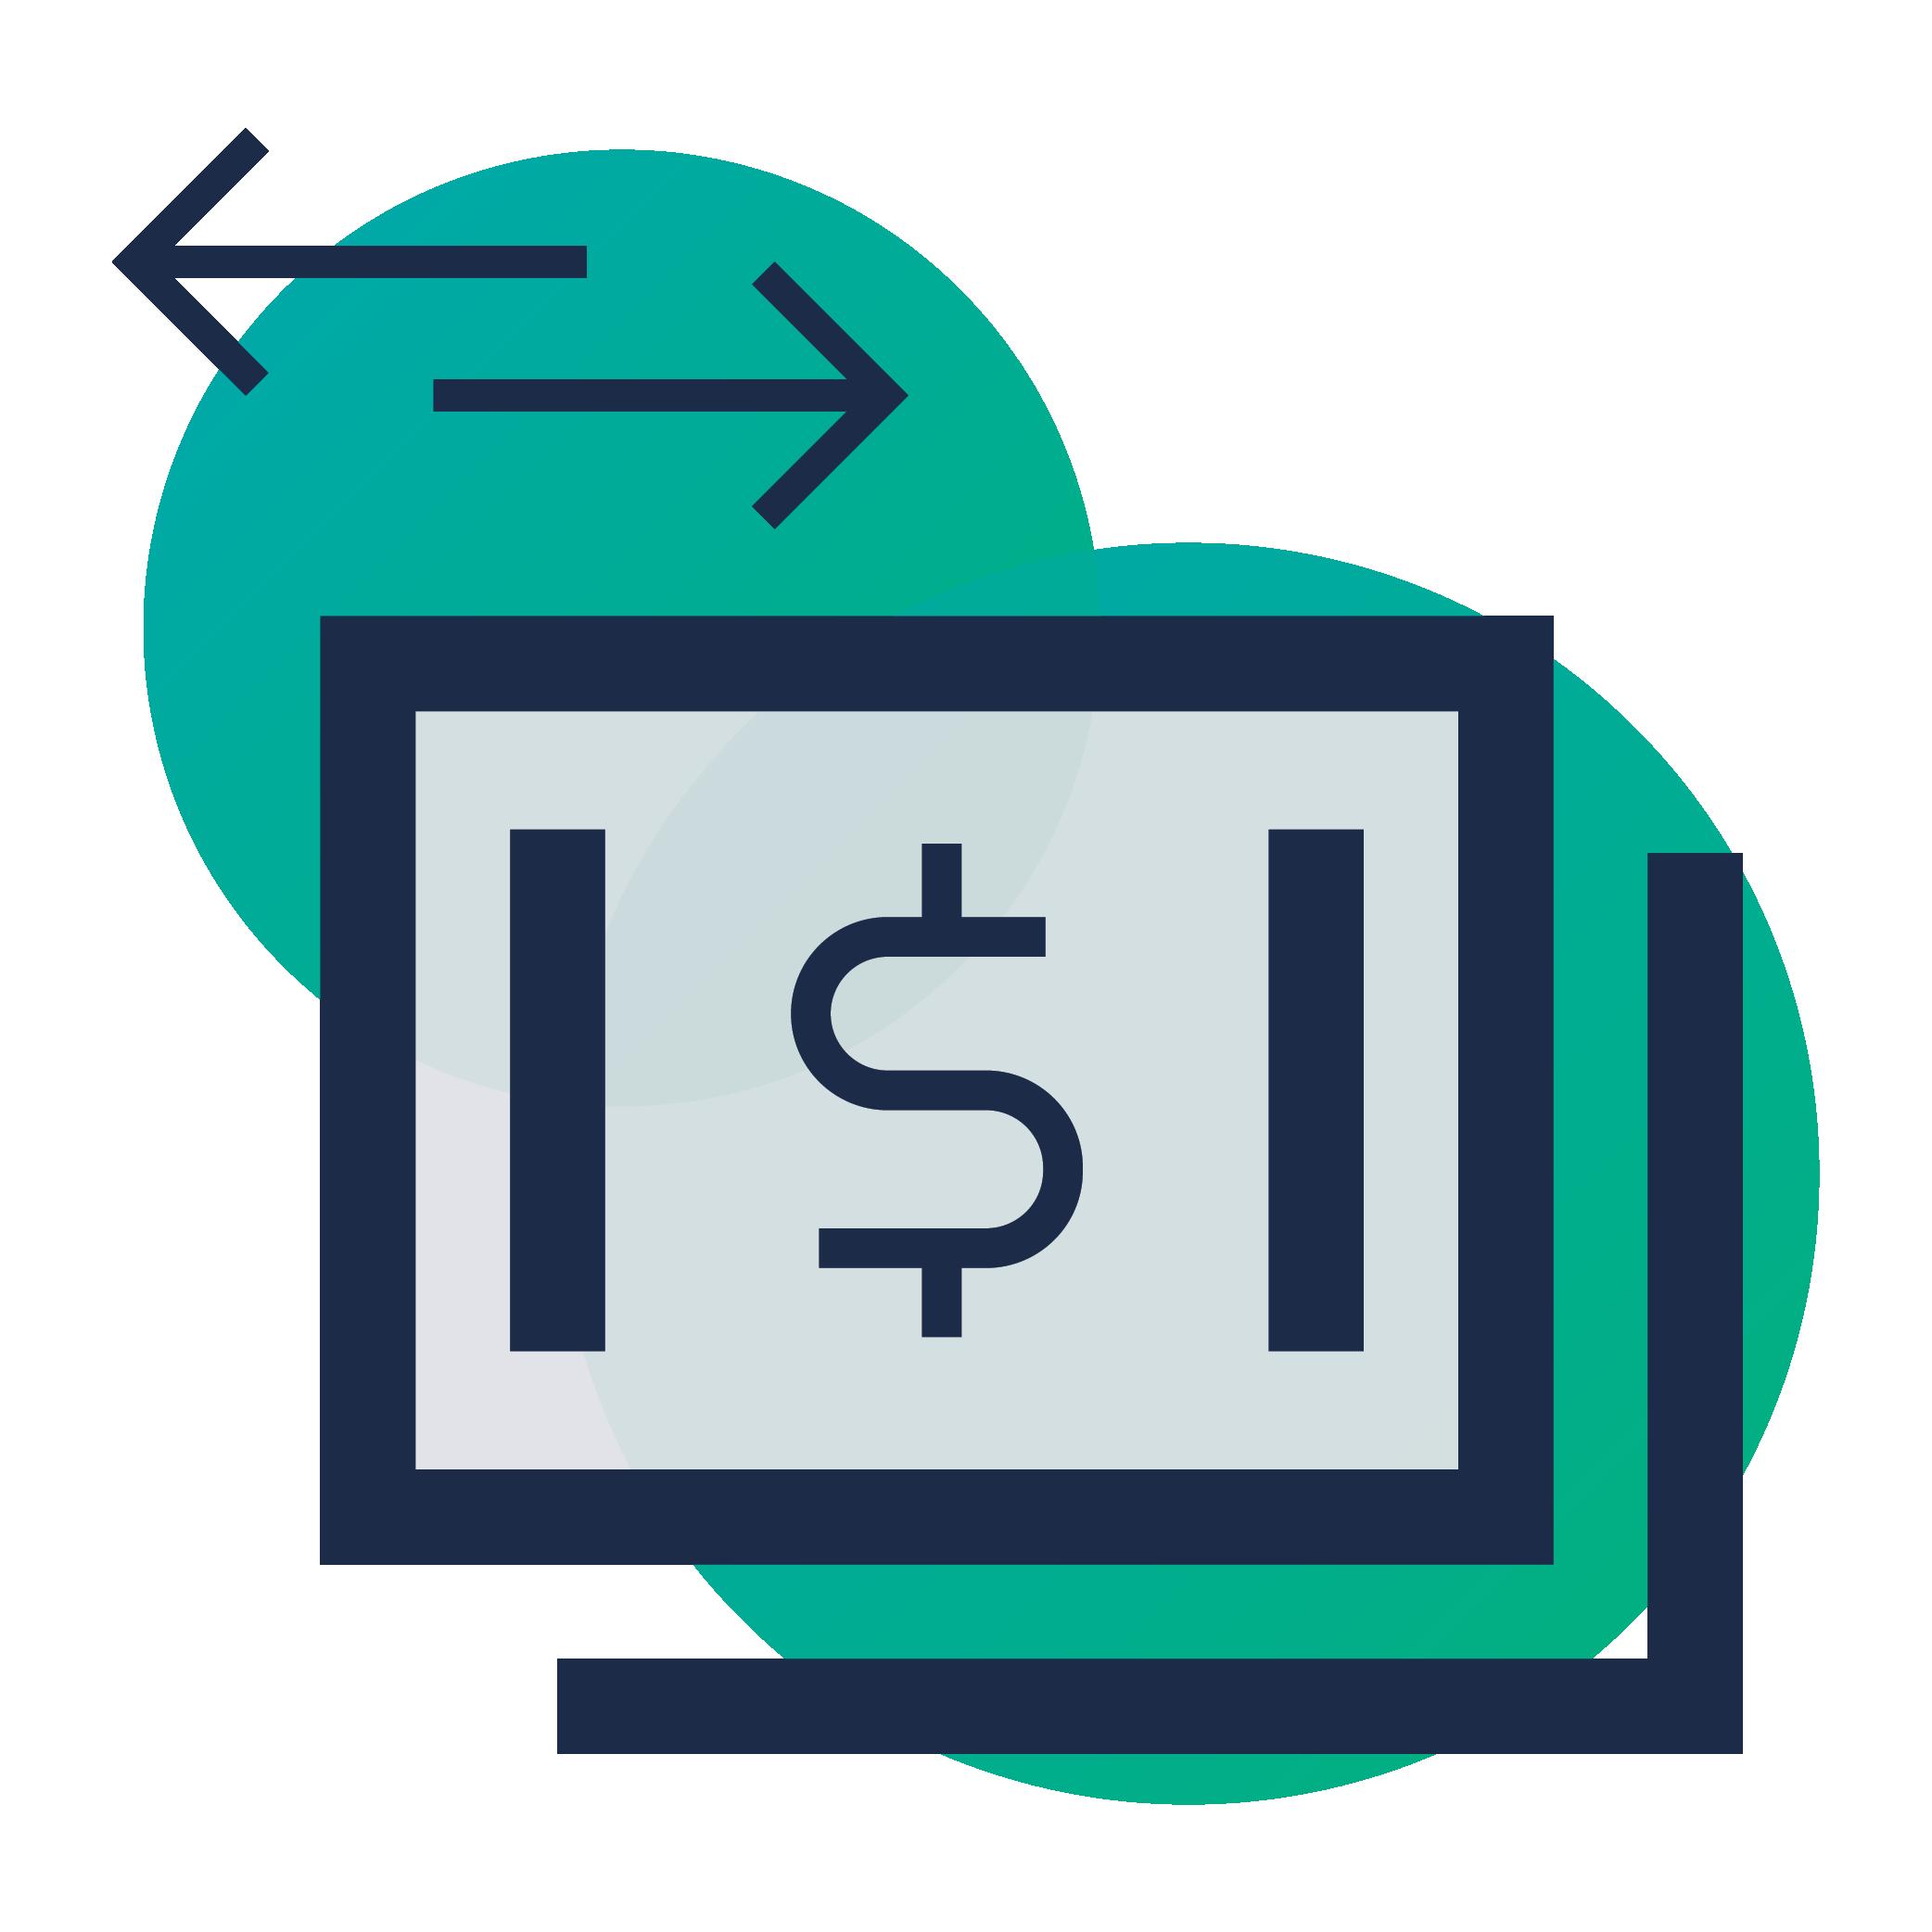 IDmission_Icons_Sharing Economy